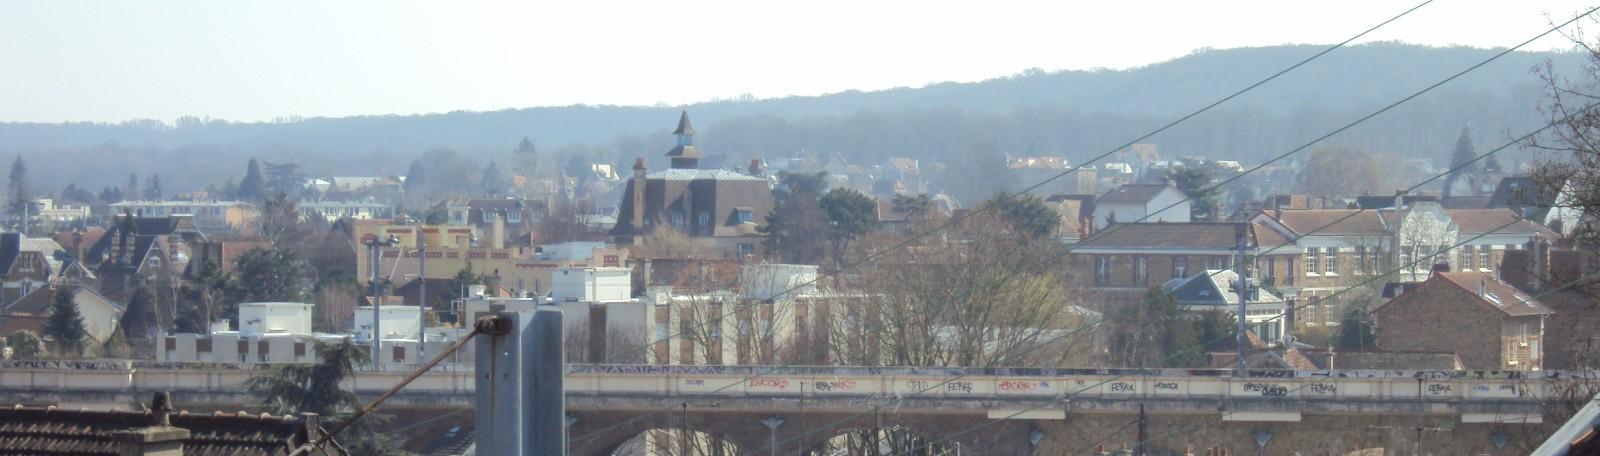 voirie de la ville de viroflay